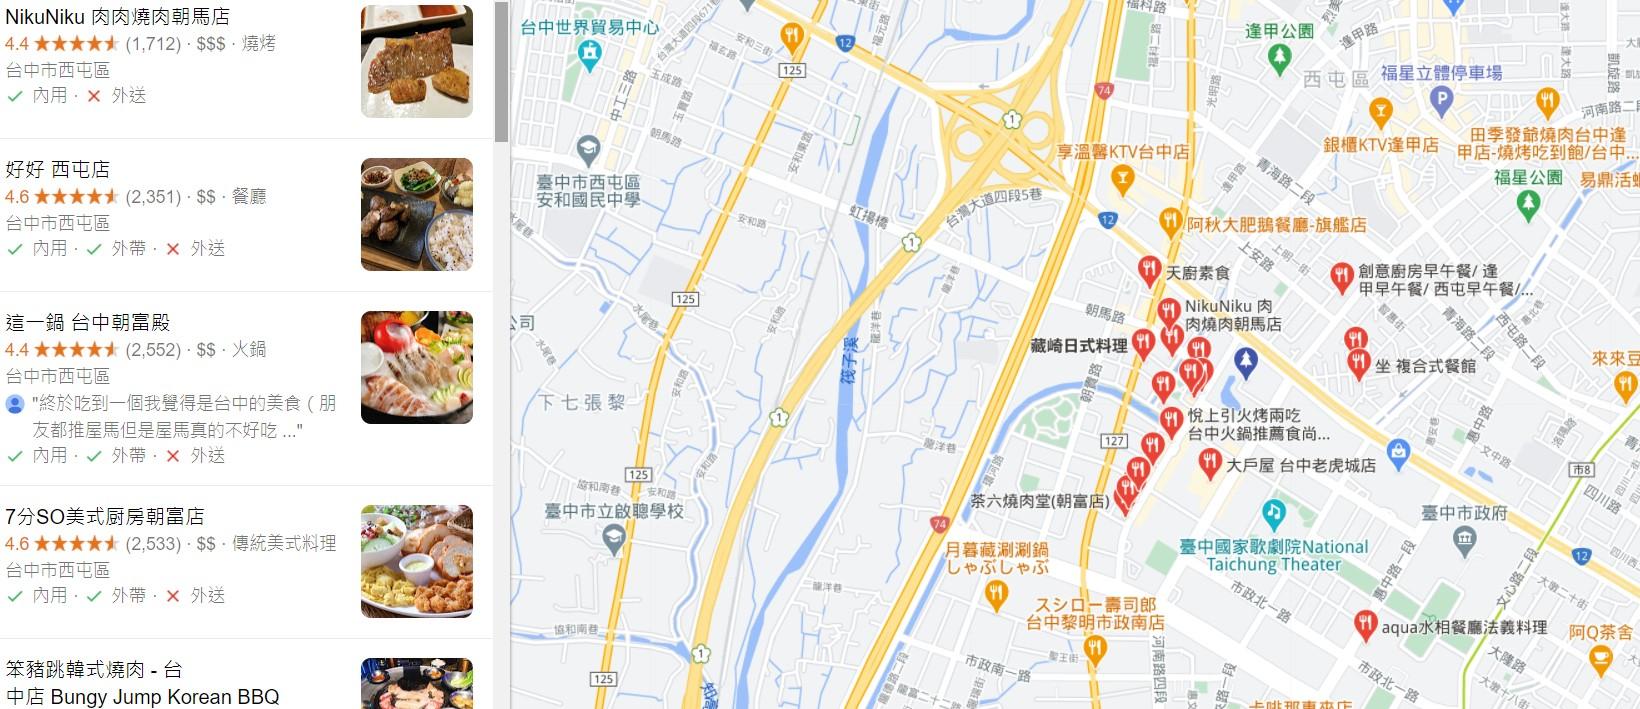 秋紅谷美食餐廳